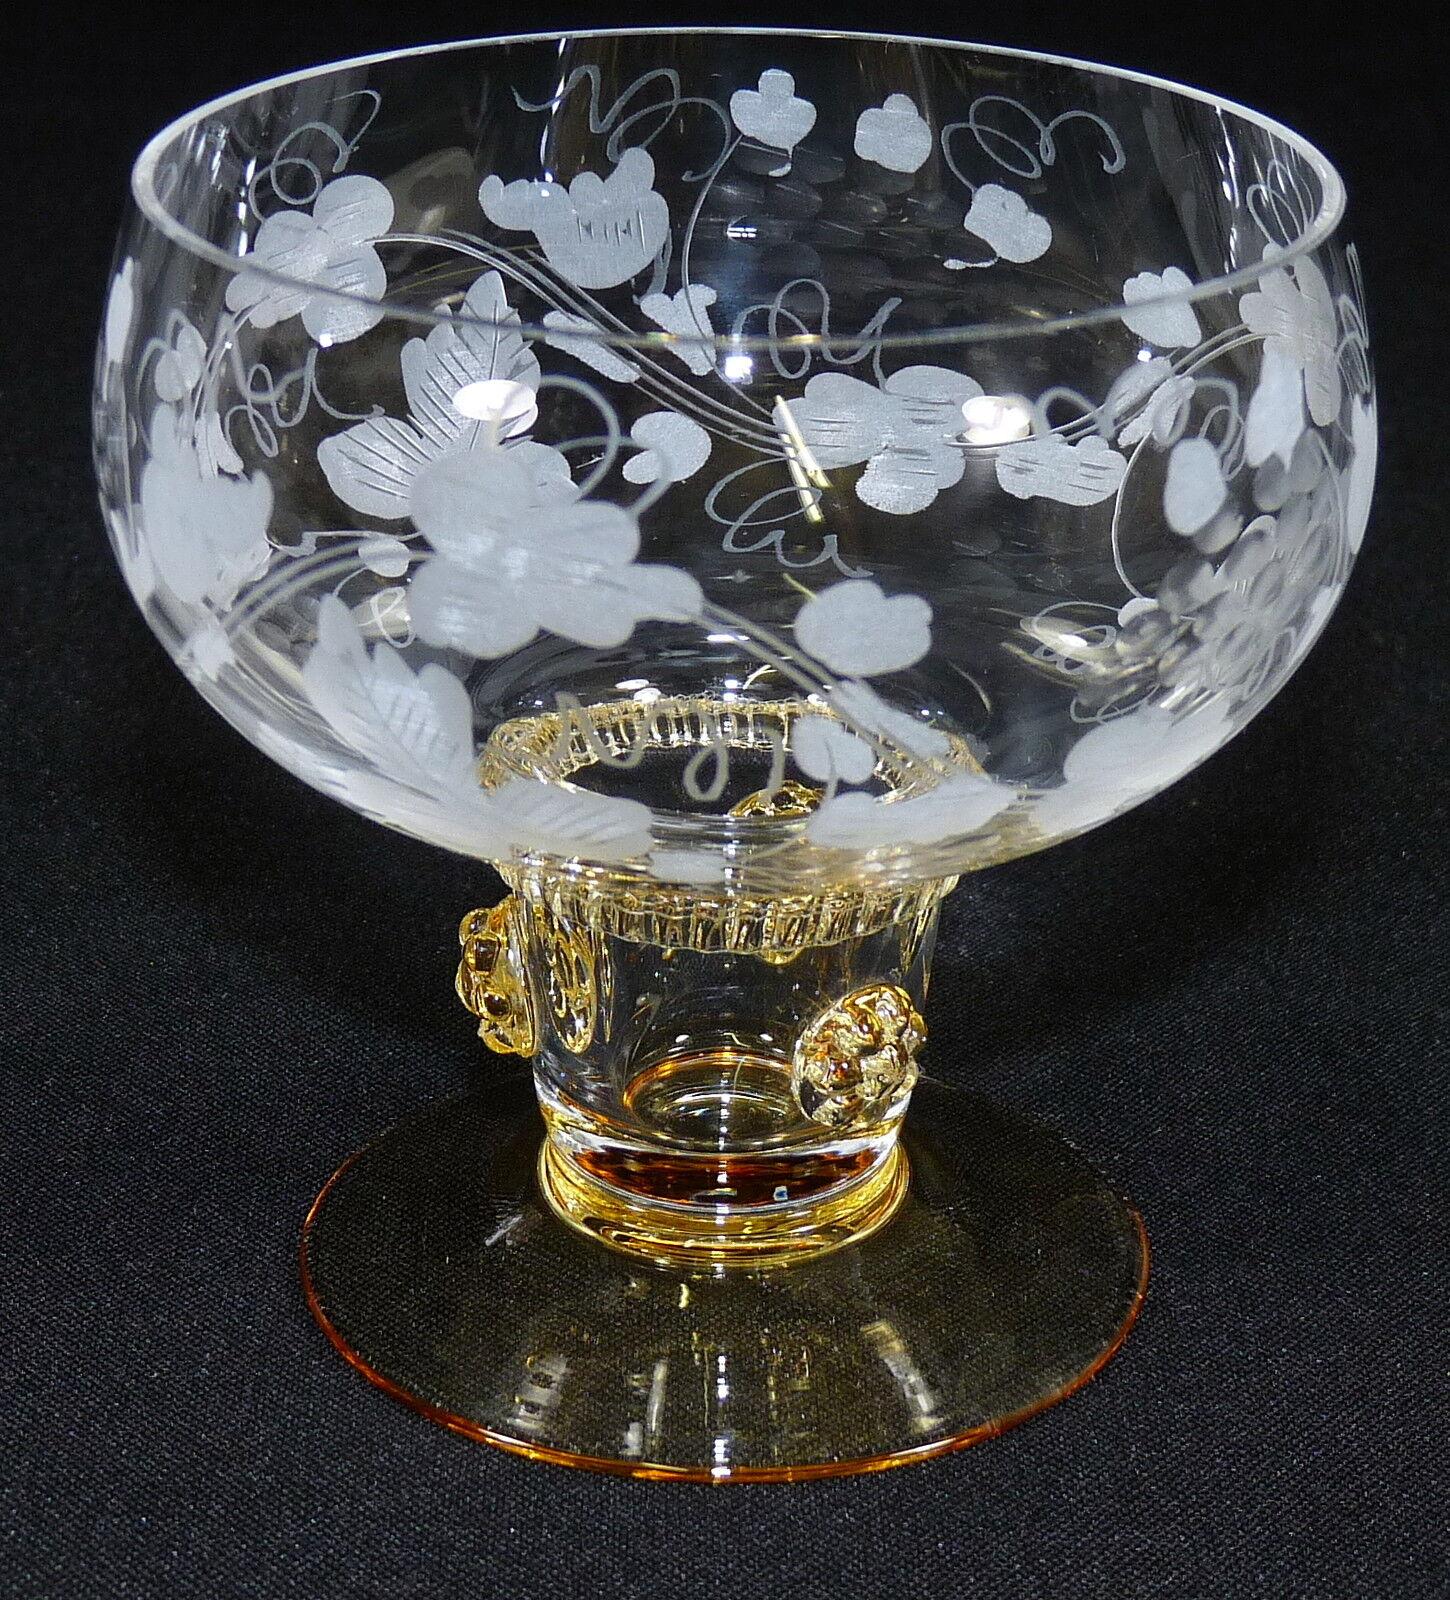 THERESIENTHAL - WEINGLAS Weißweinglas Glas Glas Glas - BEERENNOPPEN Bernstein WEINRANKE | Lass unsere Waren in die Welt gehen  ac71df